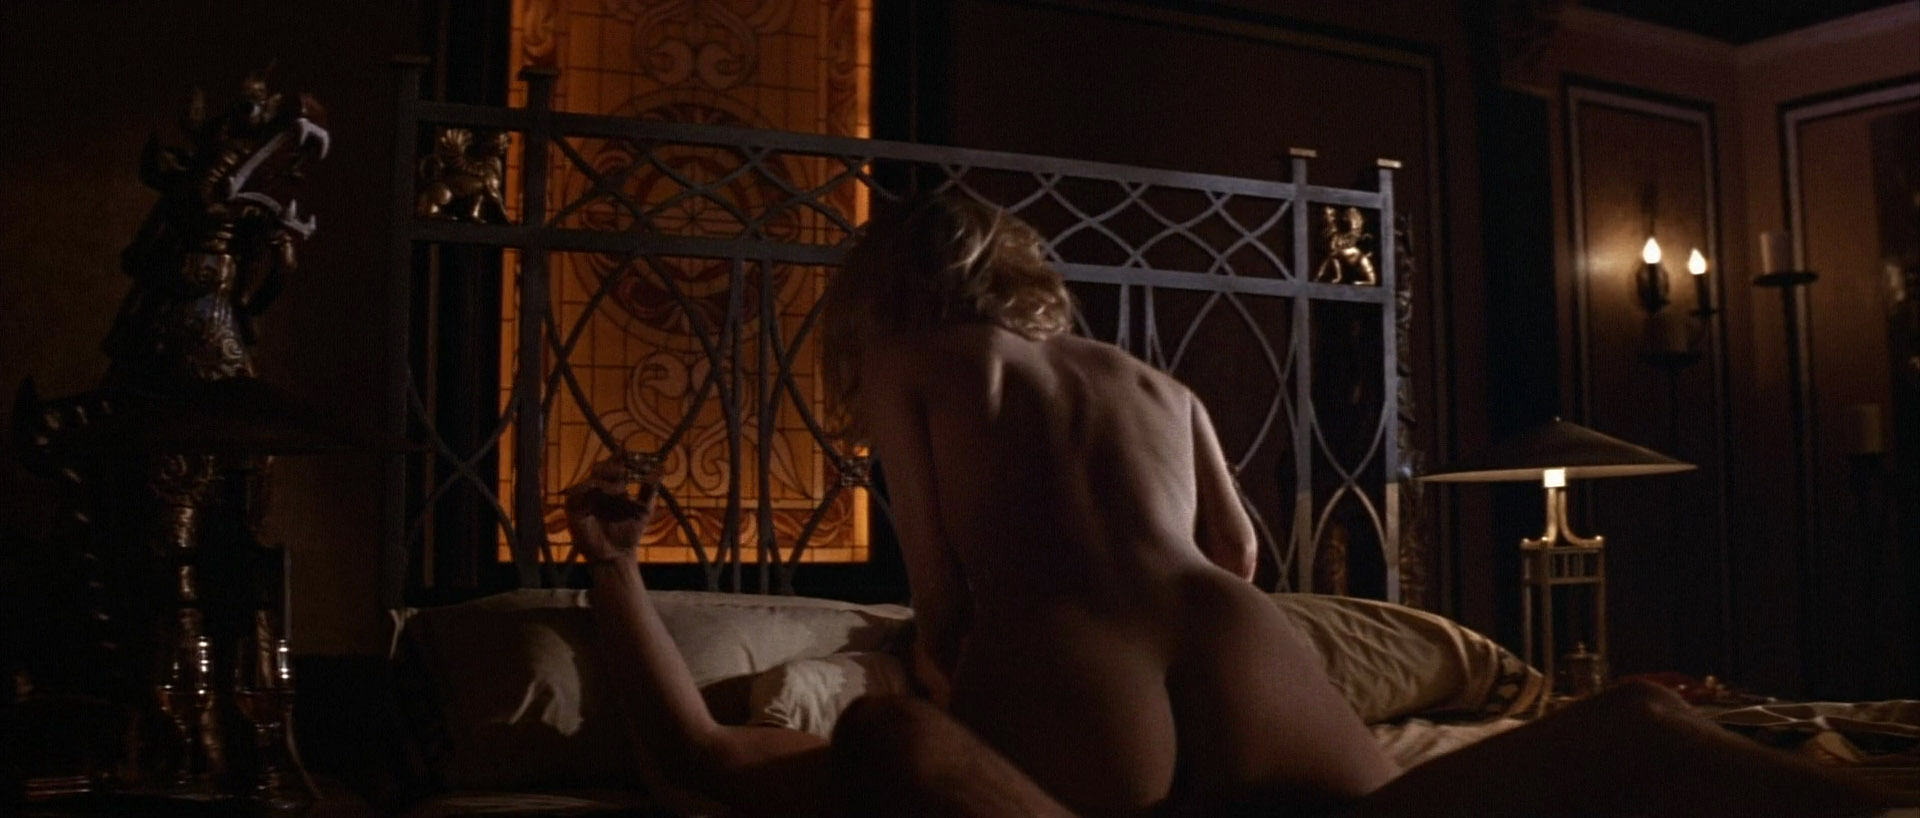 prosmotr-eroticheskih-filmov-v-internete